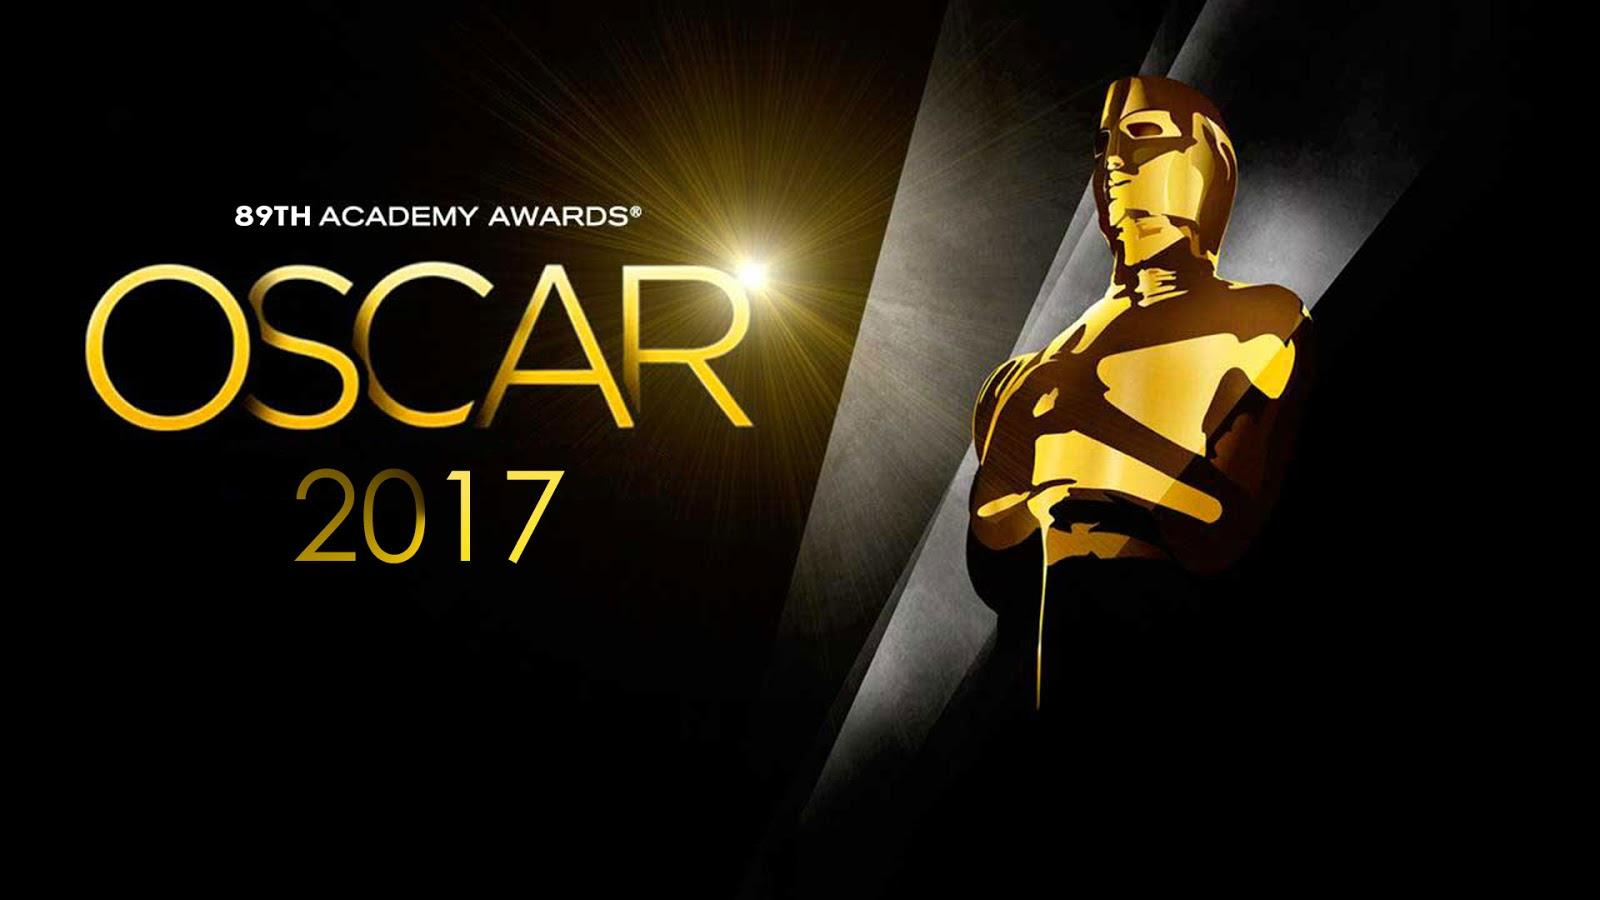 89th Annual Academy Awards, Oscars 2017